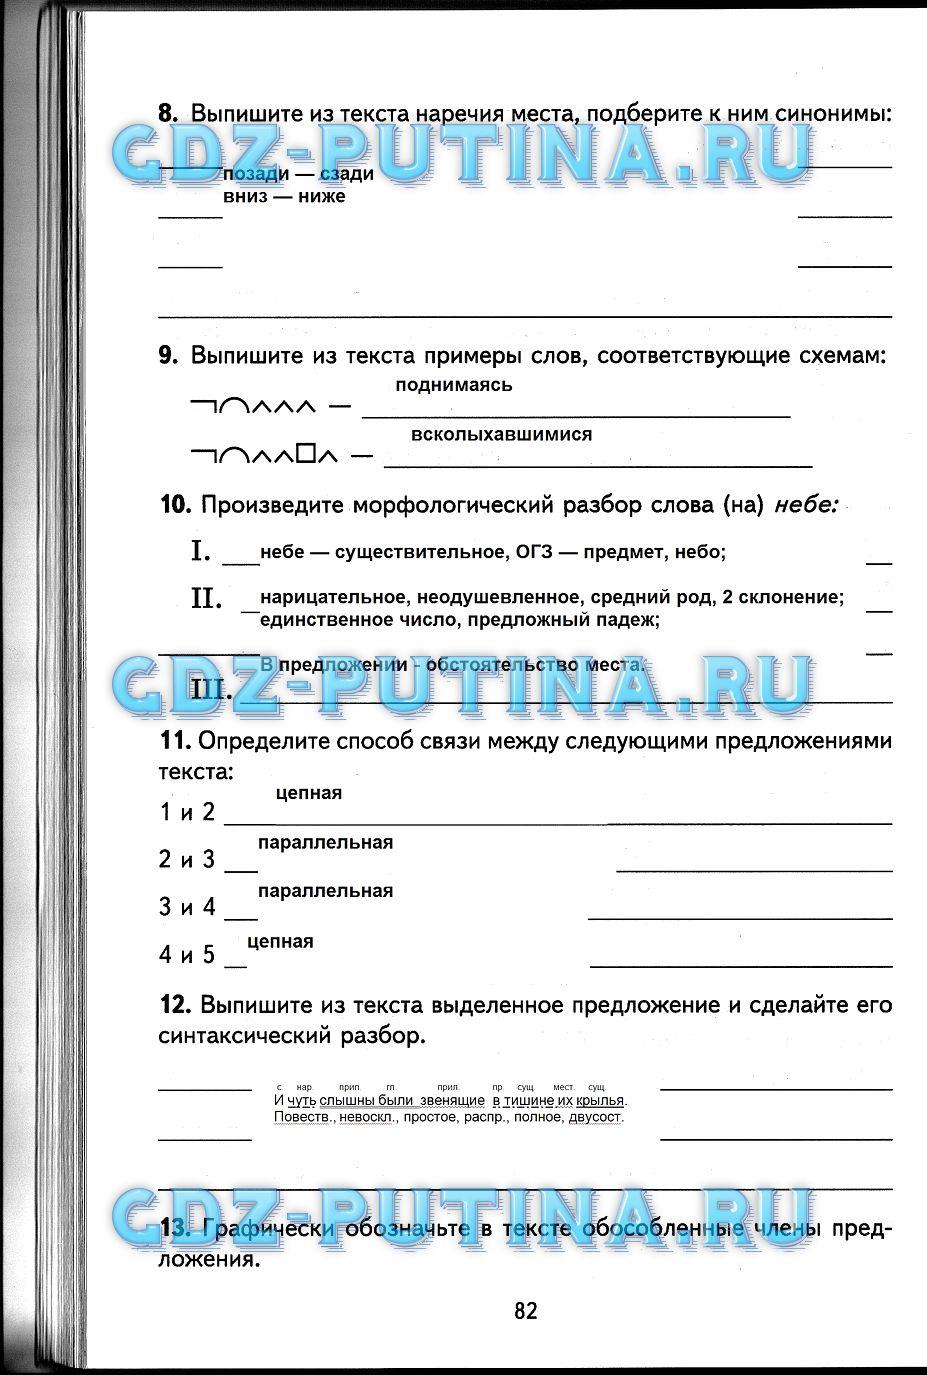 Гдз по русскому 7 класс кат груздева